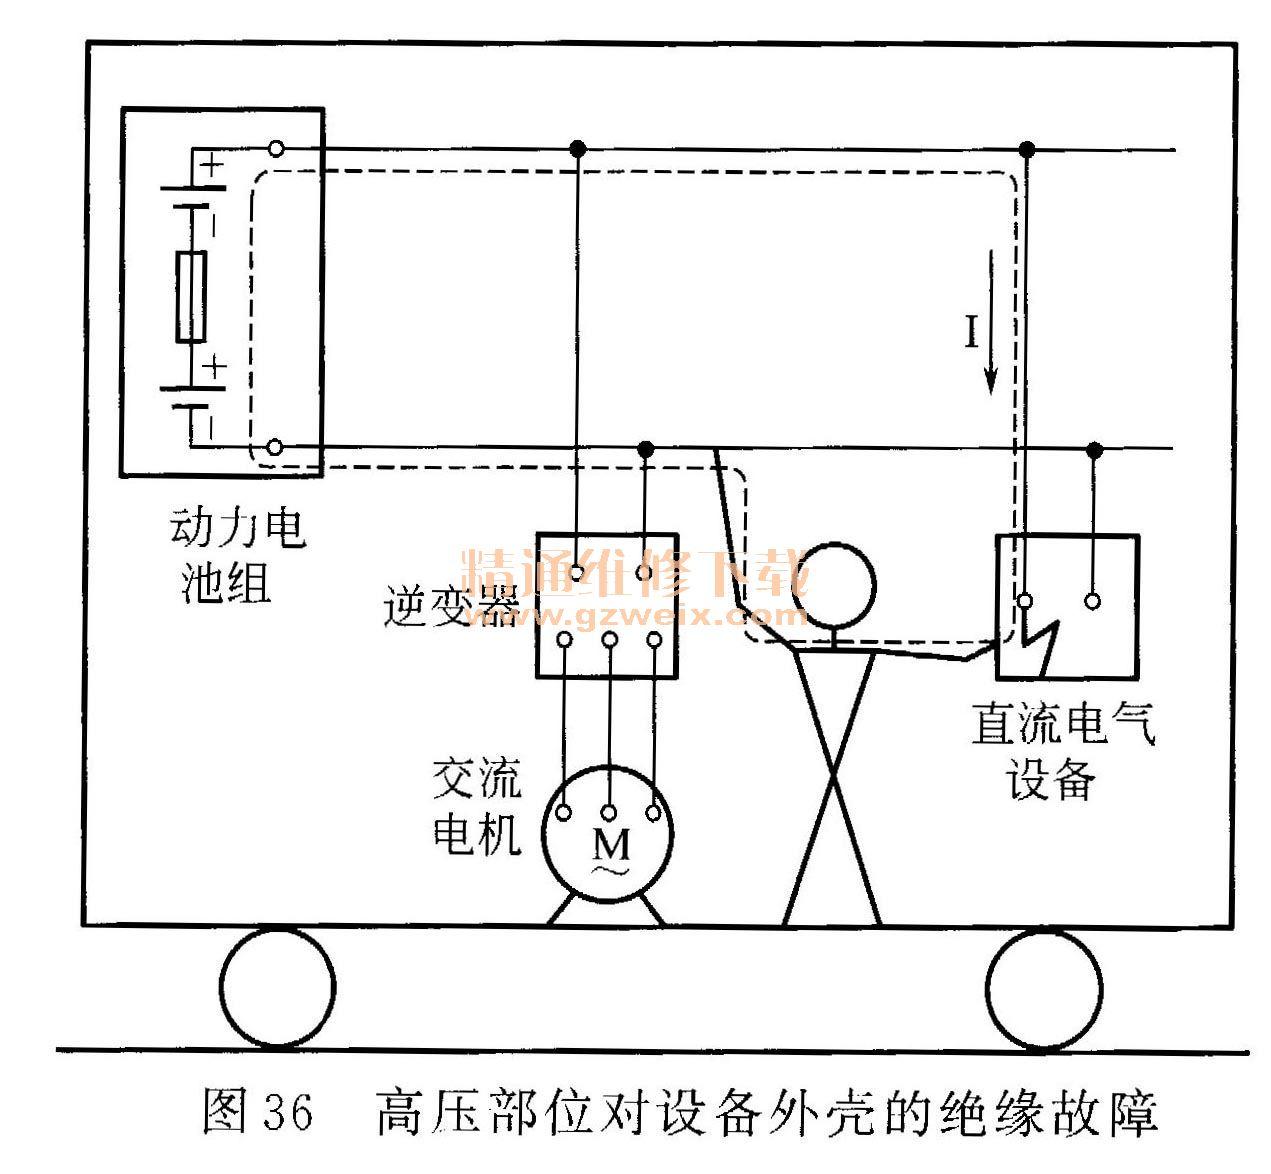 高压电机反事故措施_详解电动汽车电气系统技术 - 精通维修下载